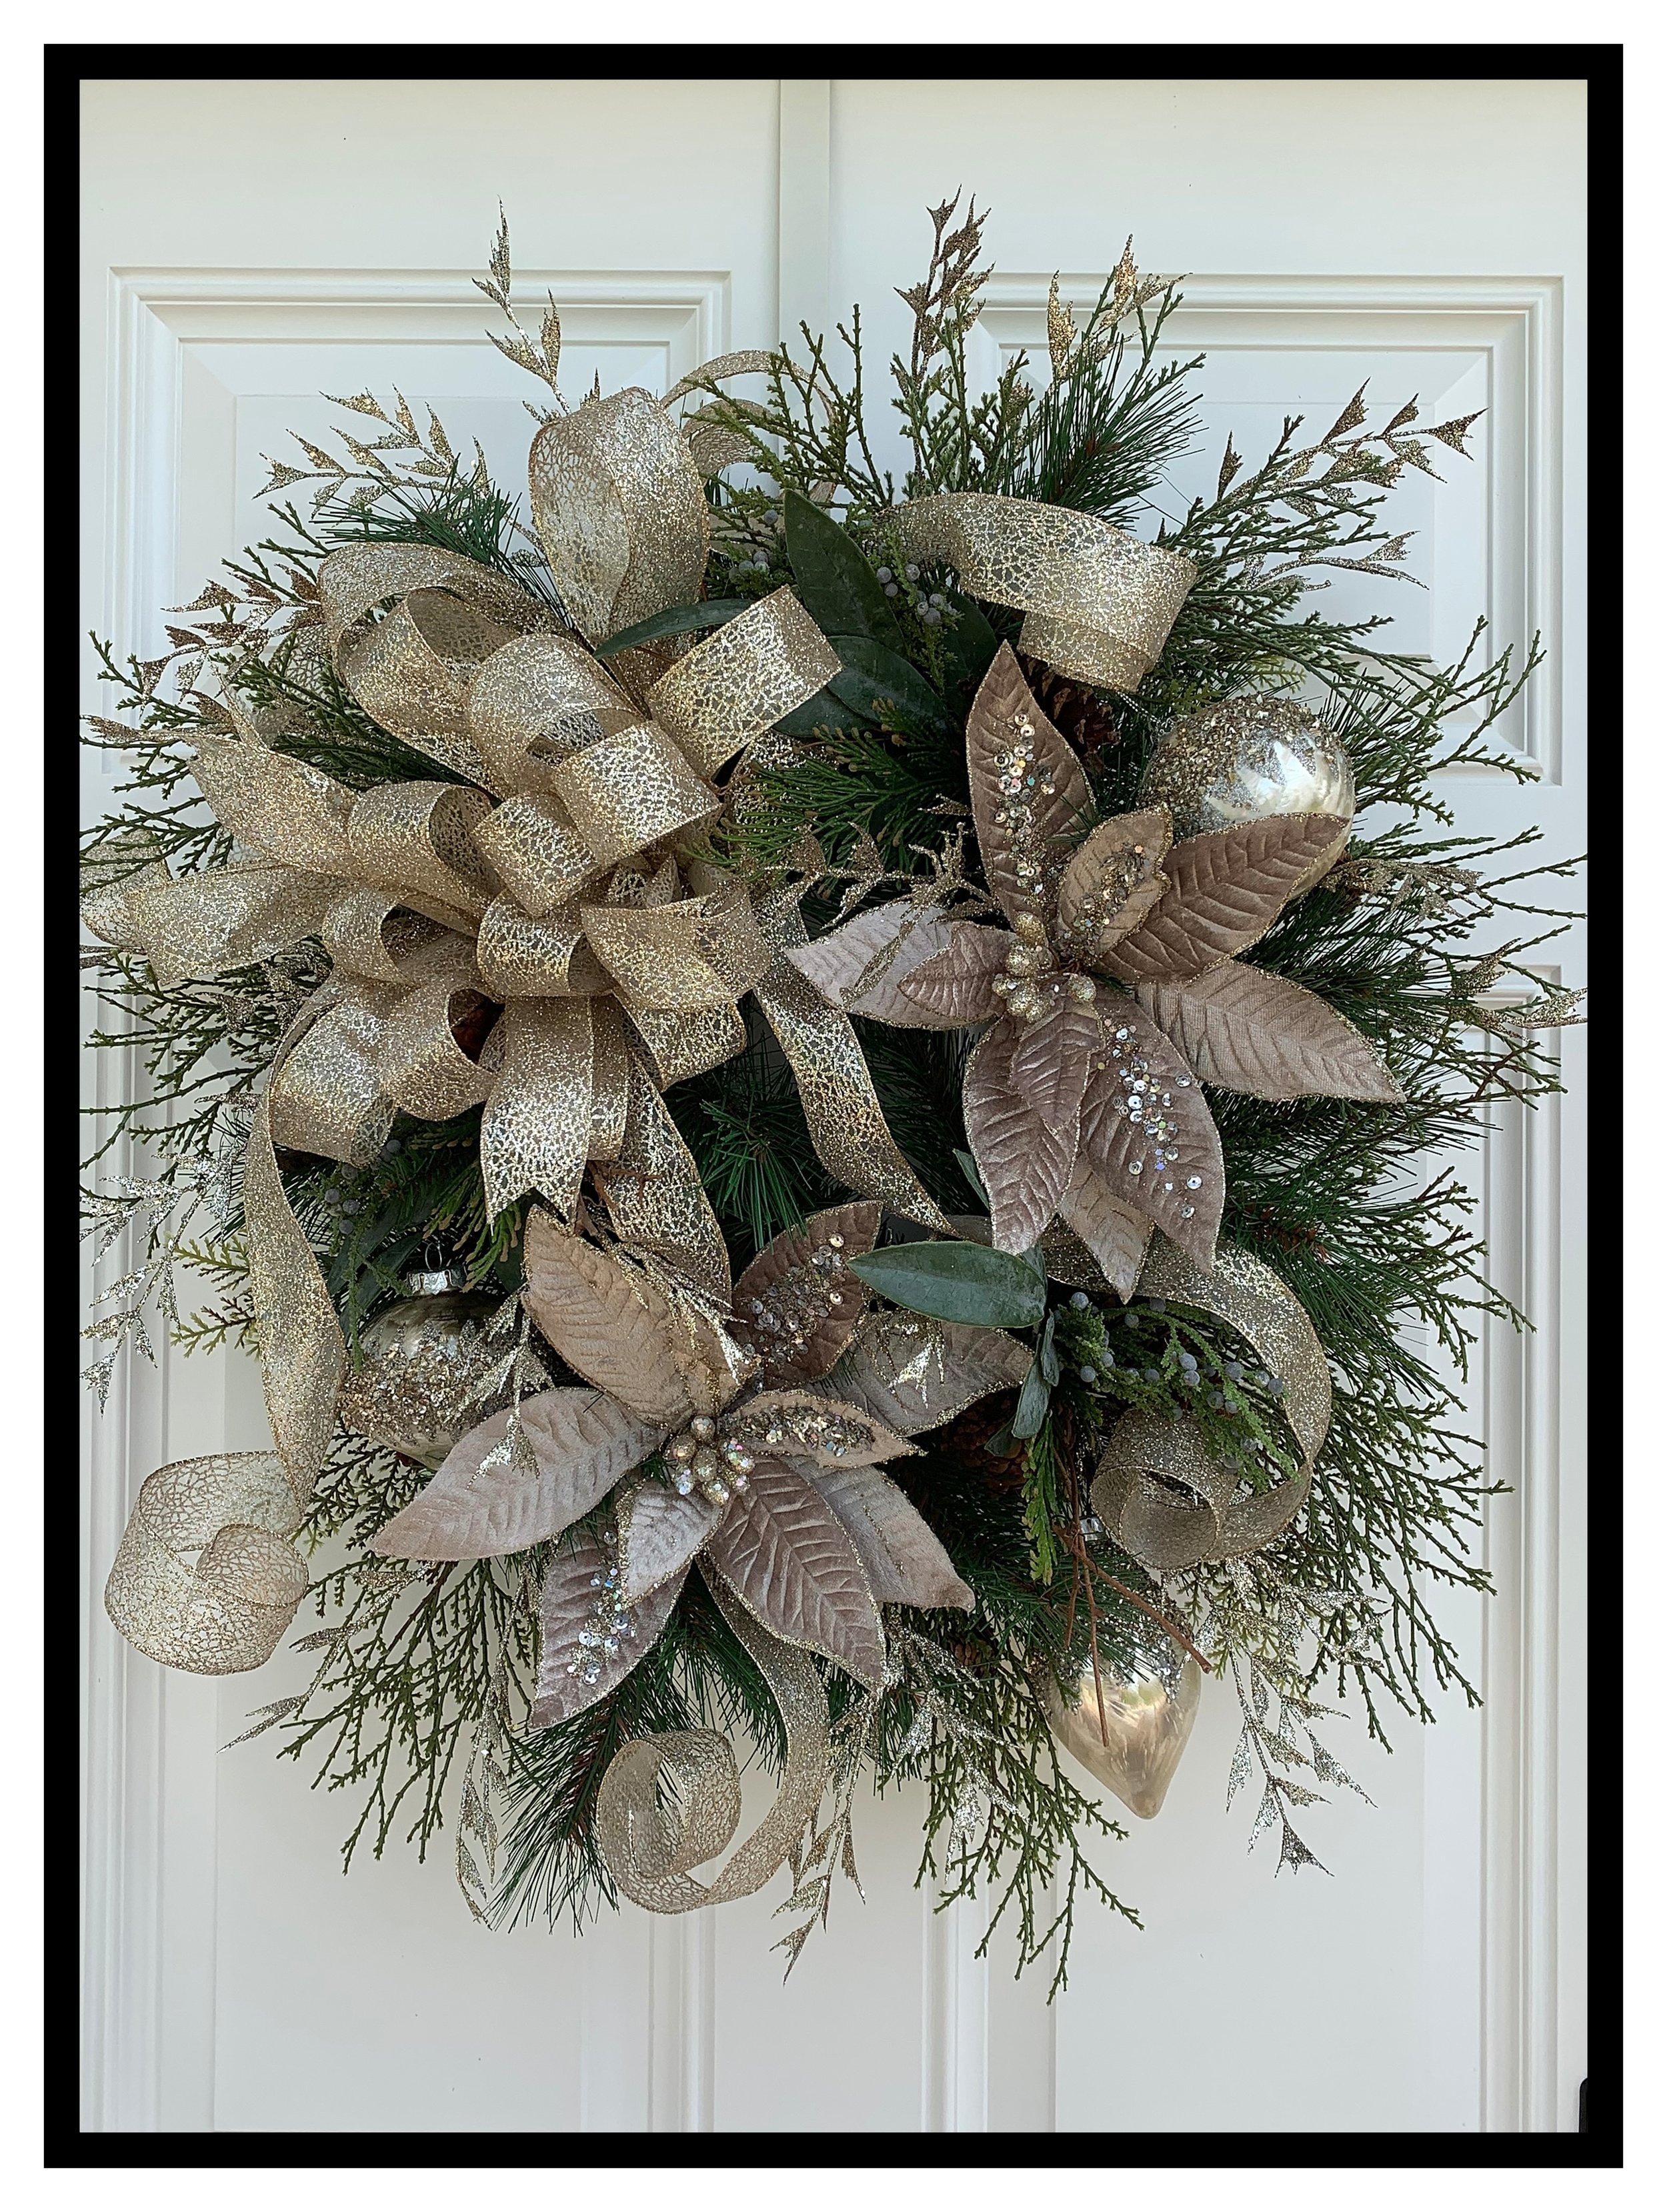 Designer Floral Door Wreaths Decorative Front Door Wreaths Home Decor Wreaths Sugar Creek Home Decor